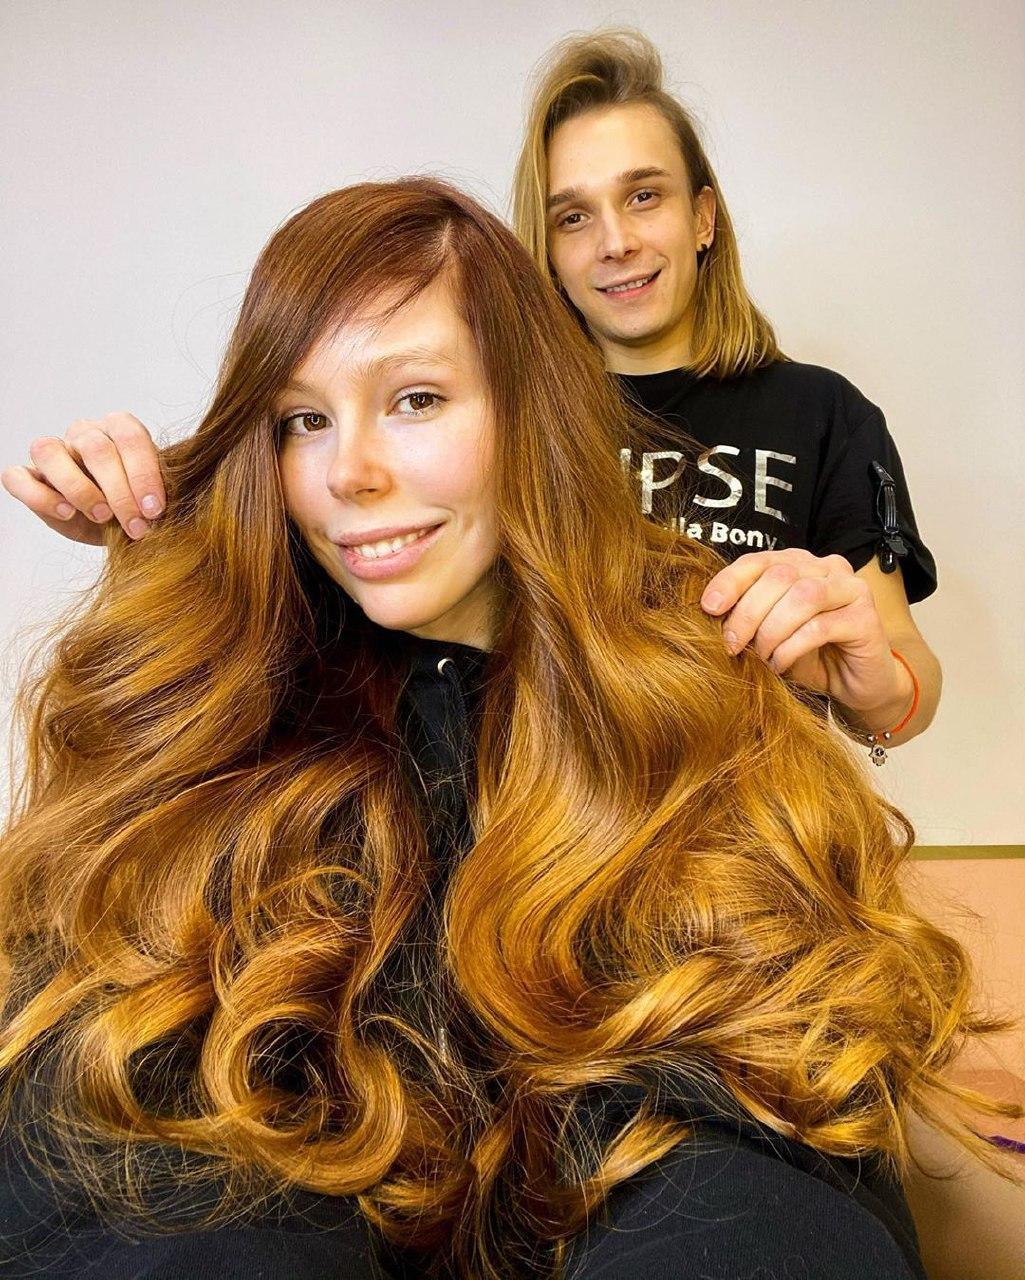 Топ-7 правил ухода за волосами, которые сделают их густыми и шелковистыми